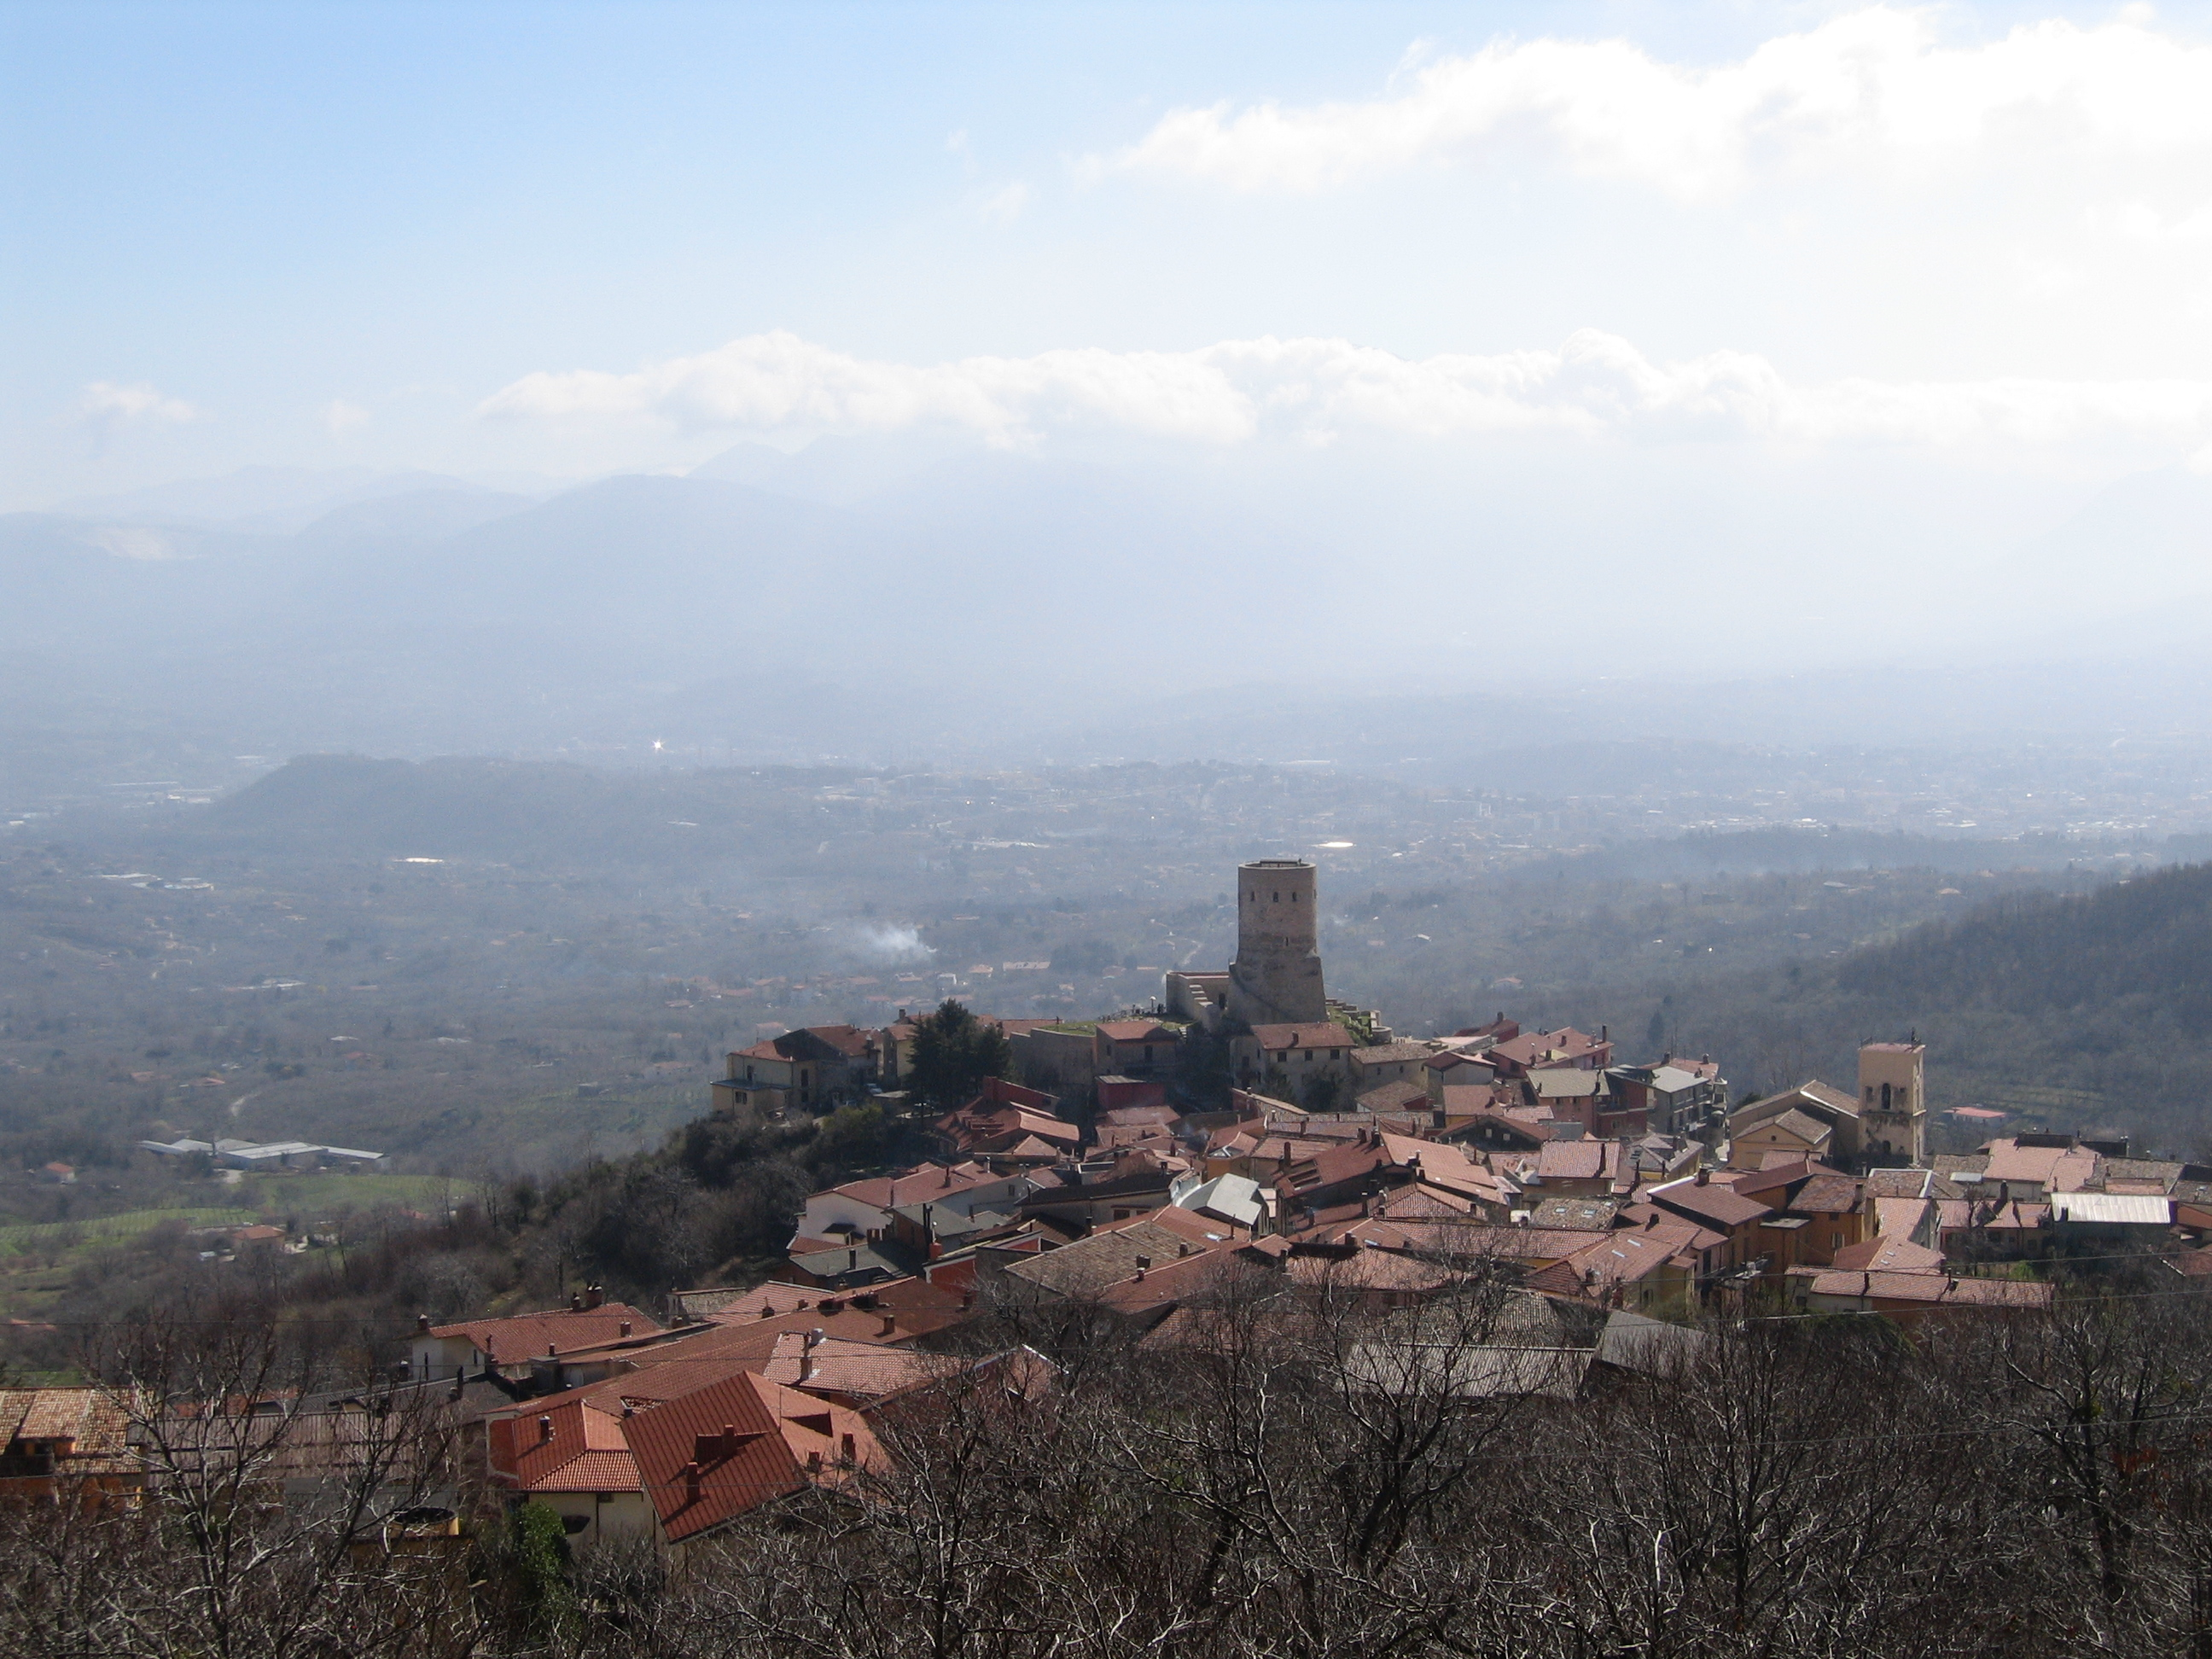 Mobili Avellino E Provincia summonte - wikipedia